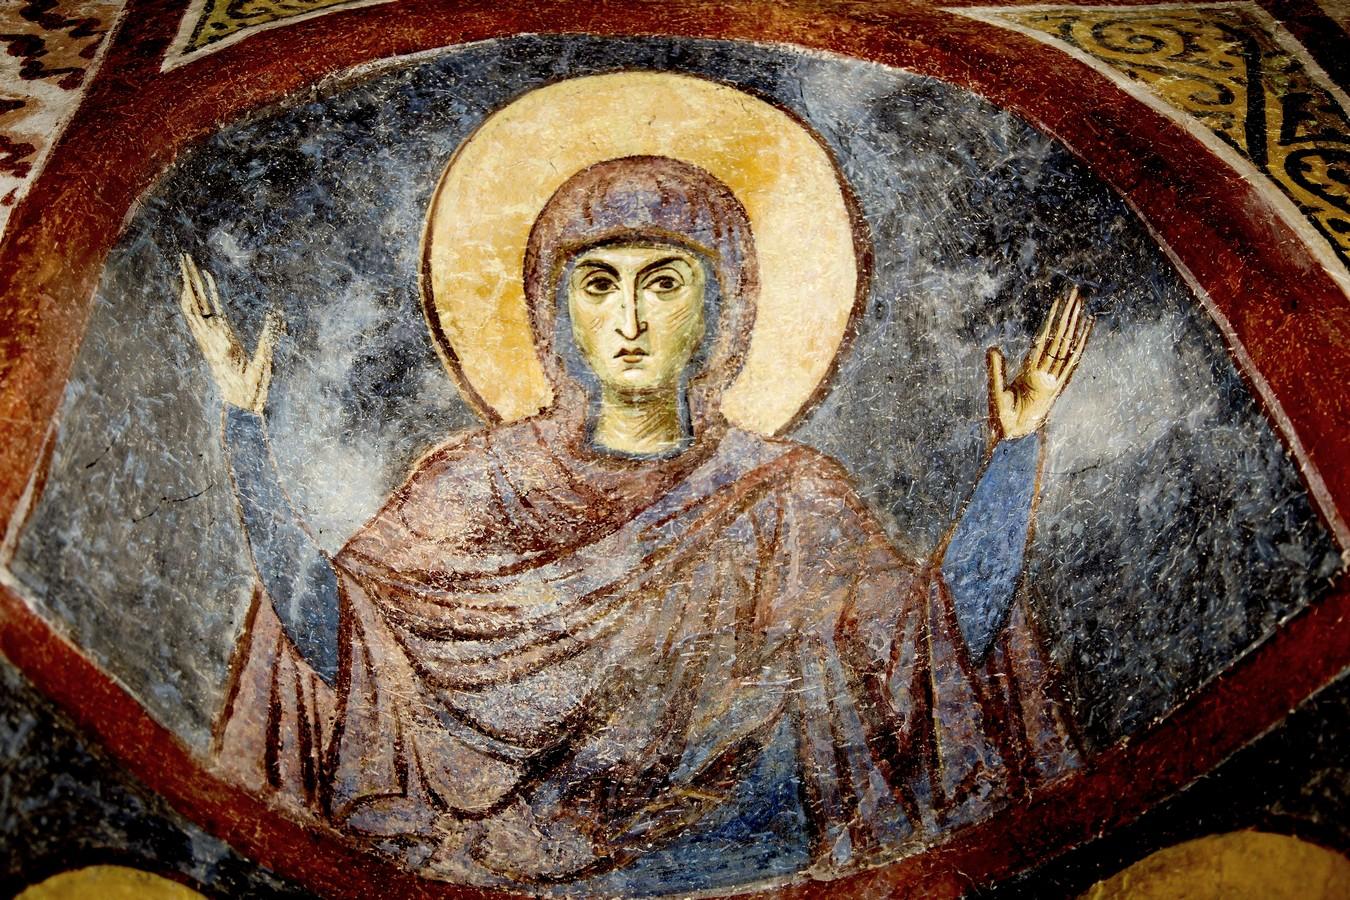 """Образ Божией Матери """"Оранта"""" (""""Платитера""""). Фреска монастыря Святого Пантелеимона в Нерези близ Скопье, Македония. 1164 год."""